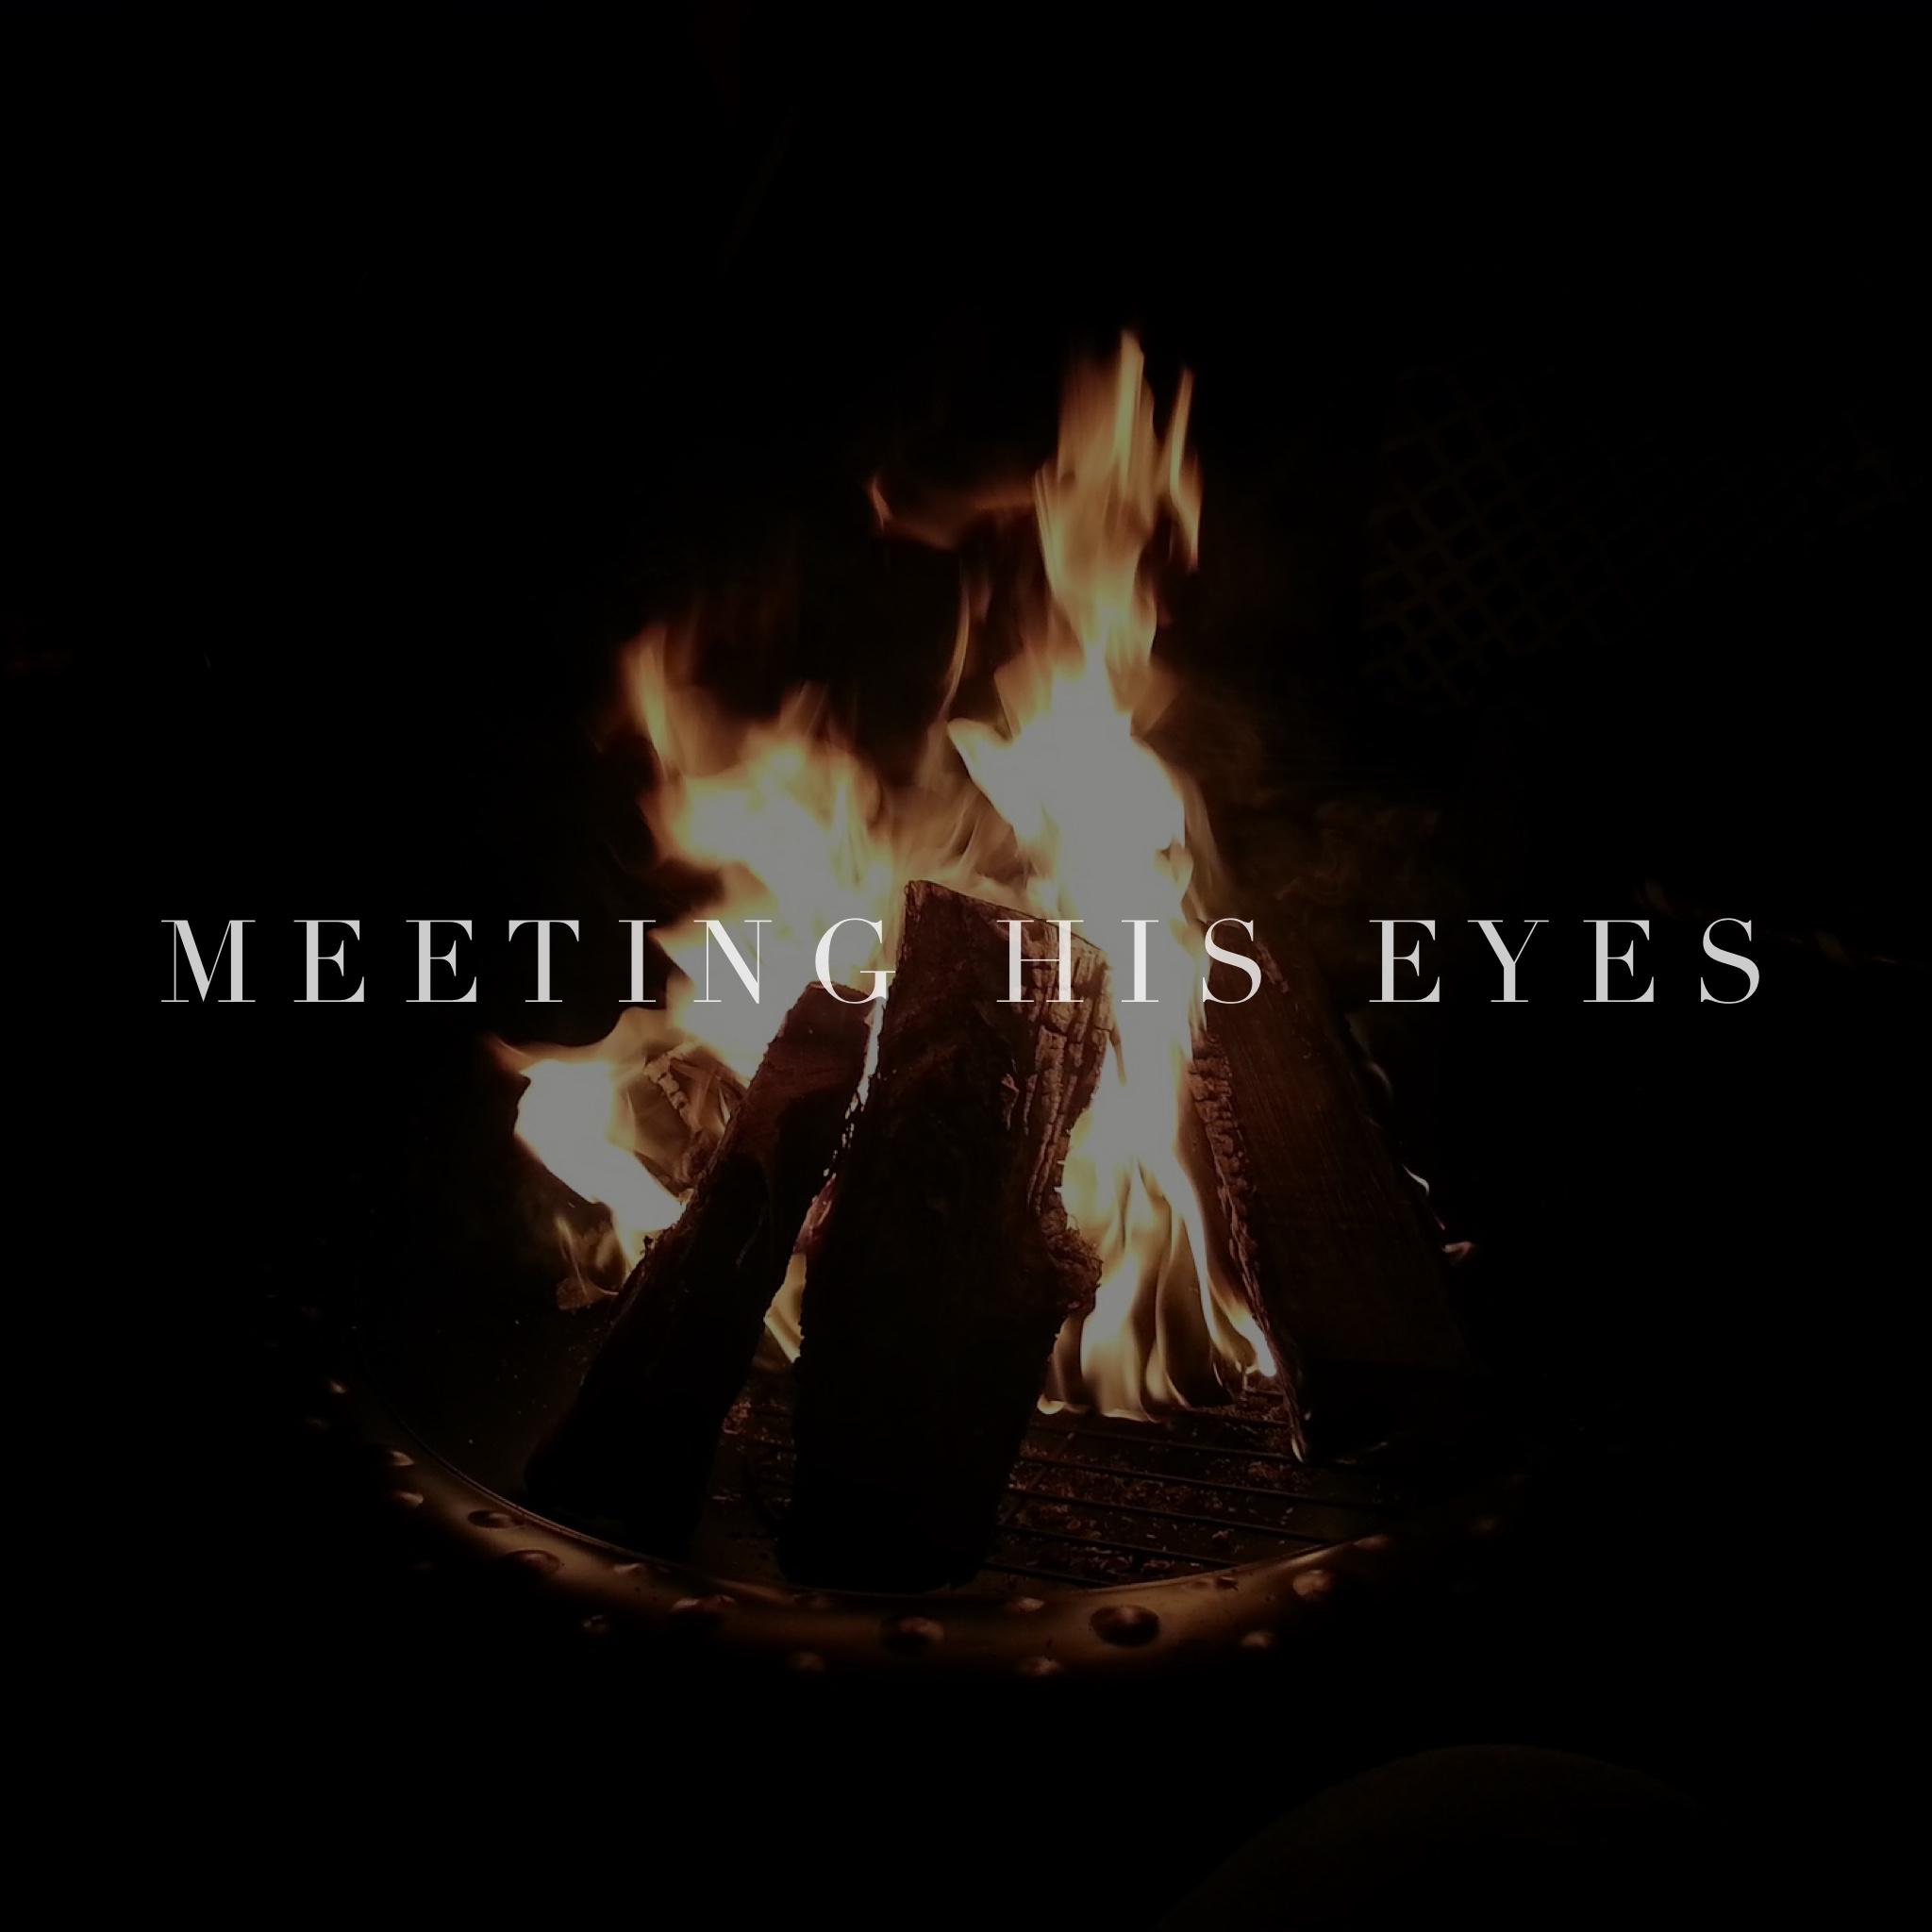 Meeting His Eyes